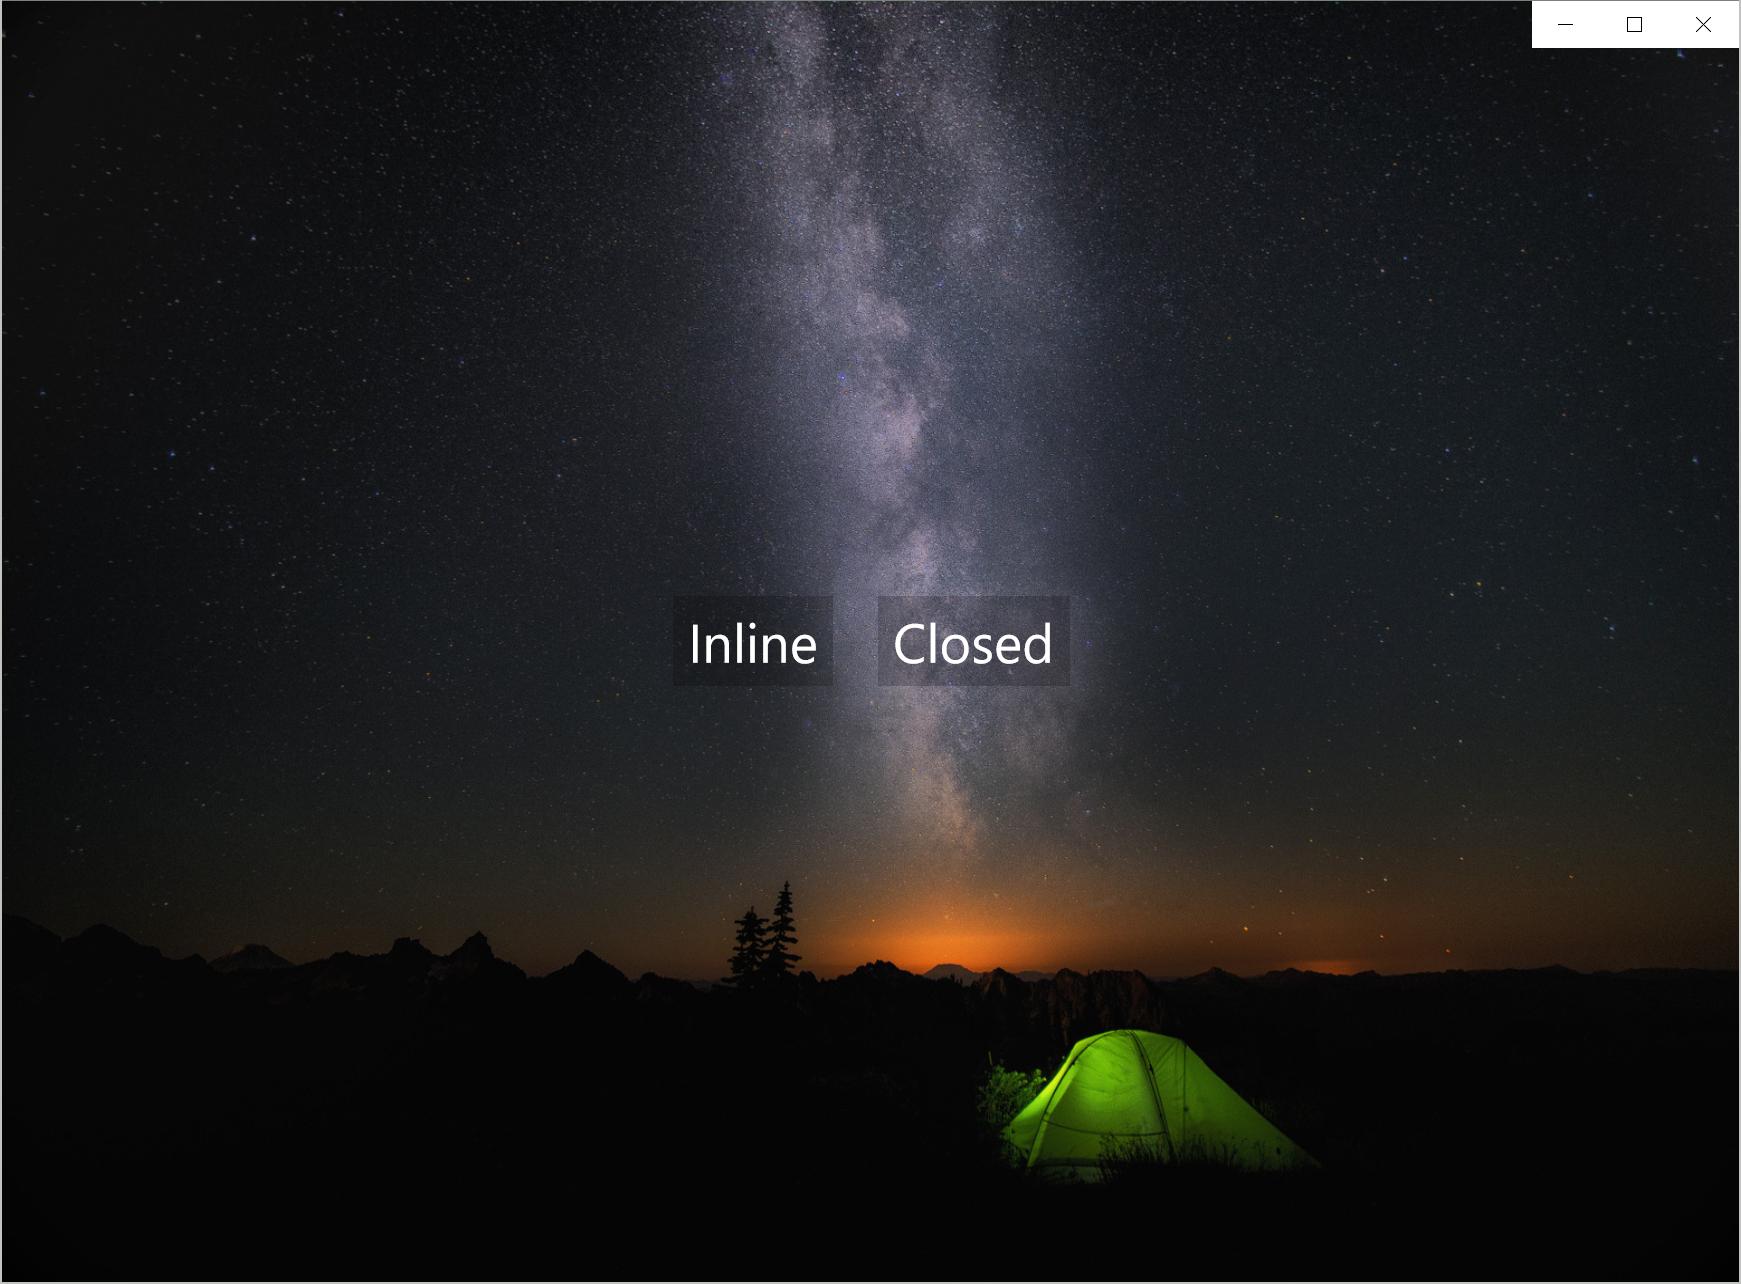 DisplayMode = Inline IsPaneOpen = False